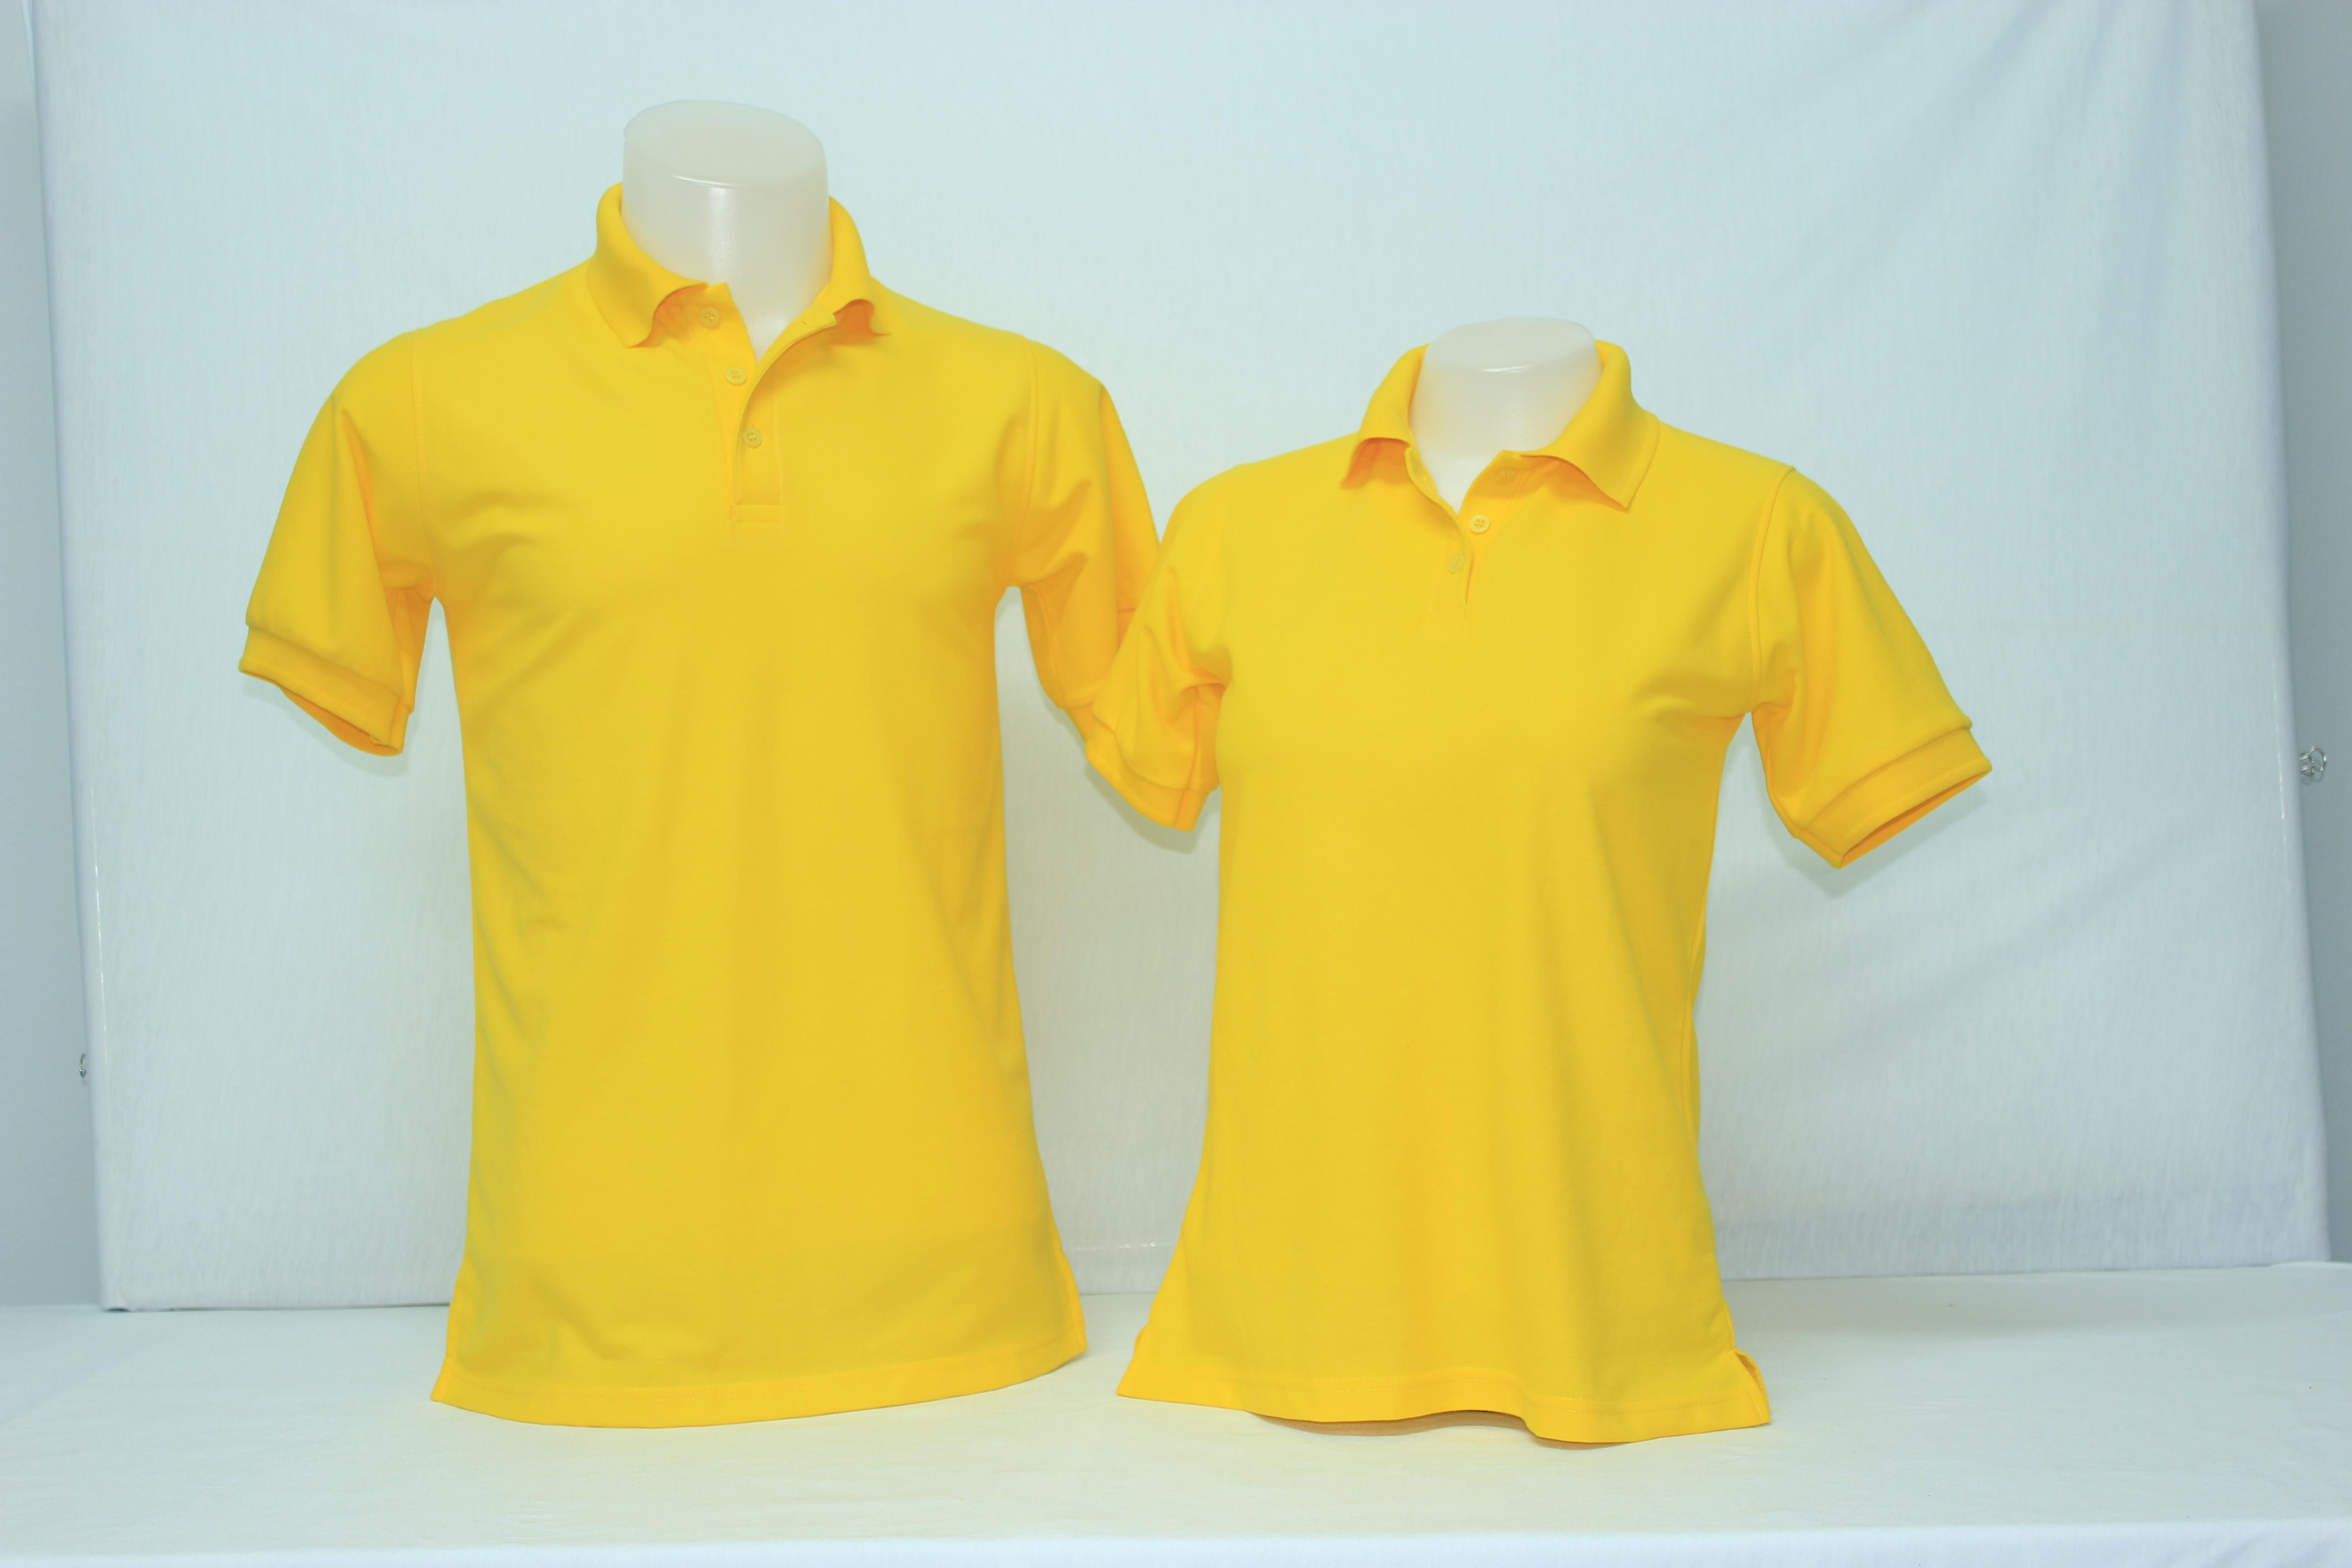 เสื้อโปโลหญิง สีเหลือง ไซส์/M/รอบอก38